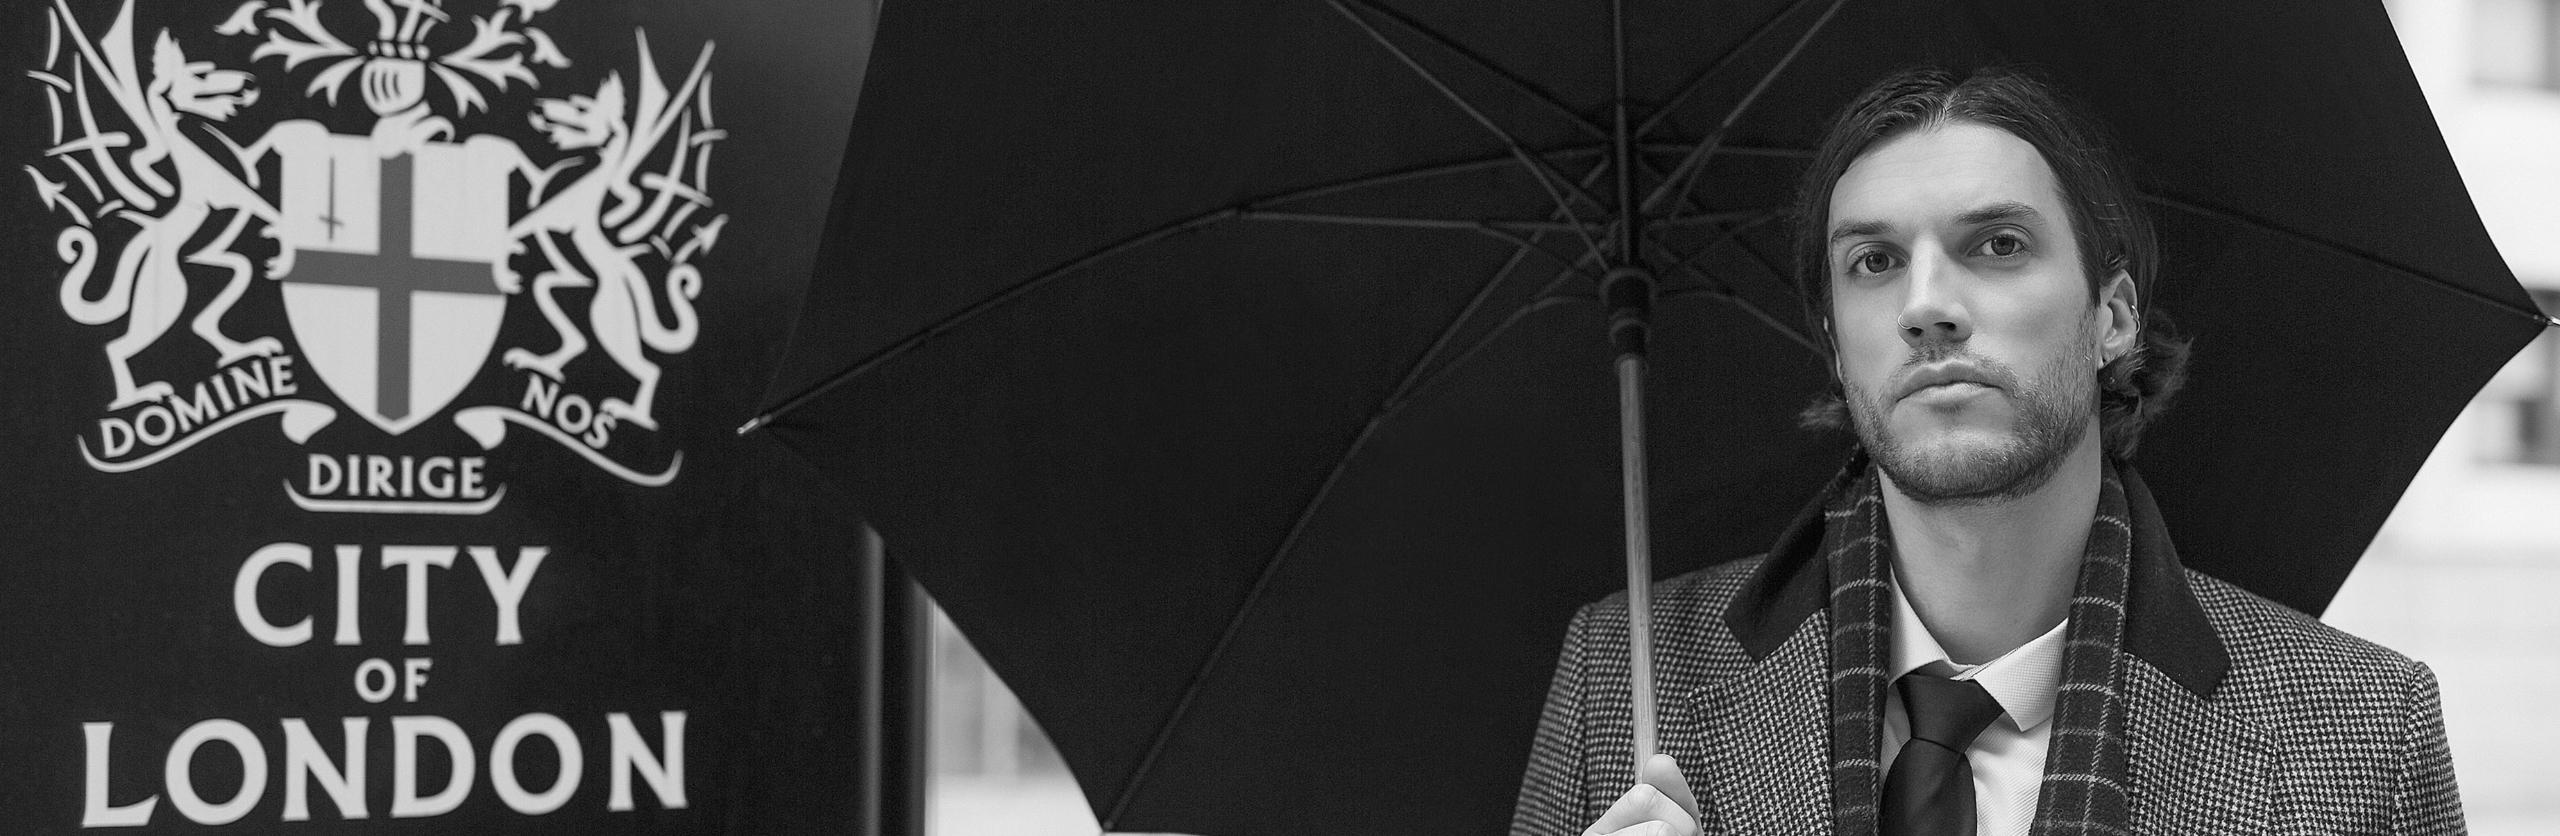 Balios Umbrellas (@baliosumbrella) Cover Image